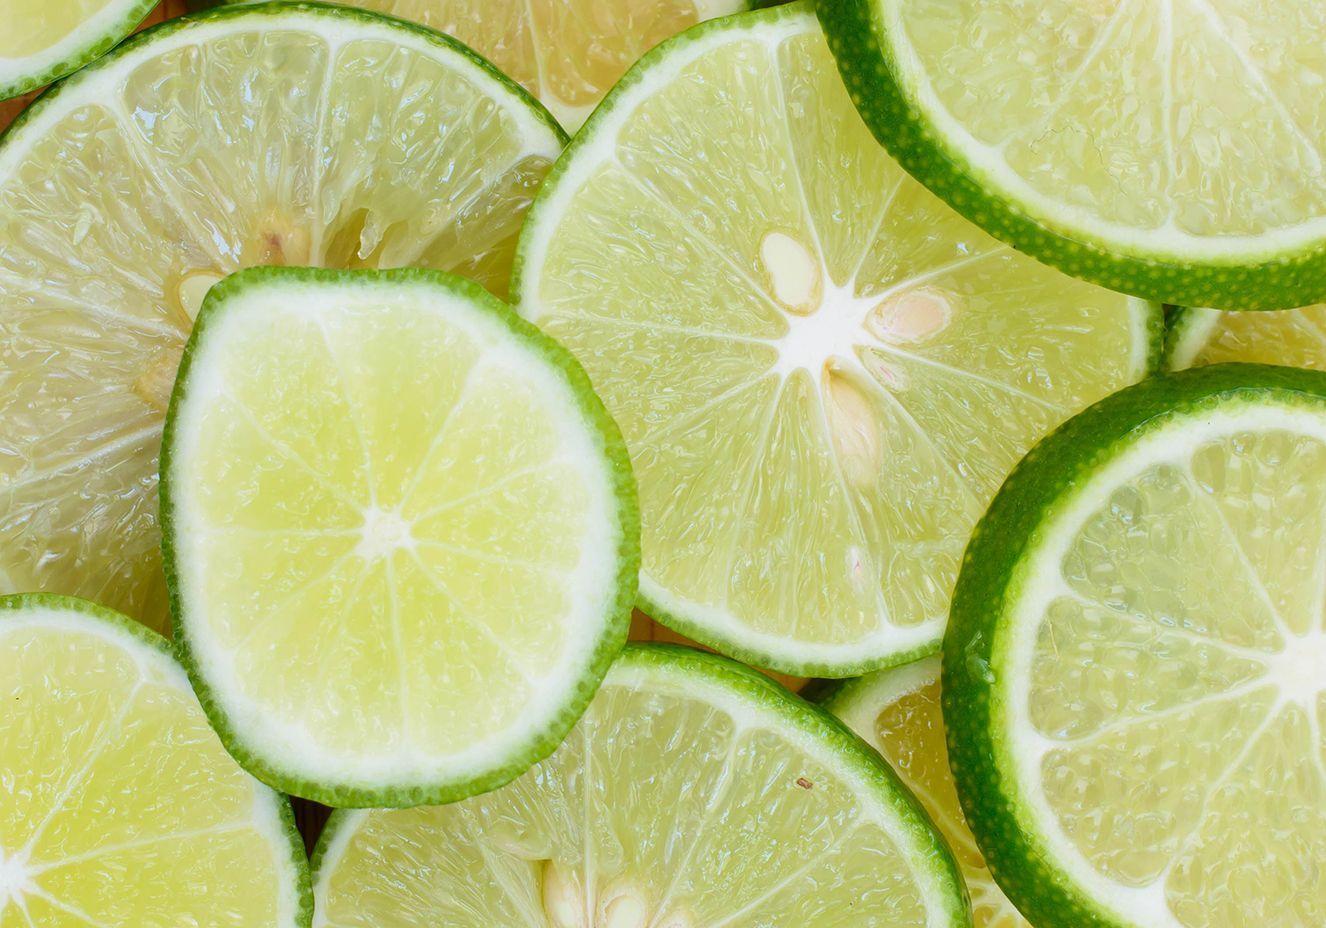 Dieta do limão provoca erosão dentária e aumento de cáries entre as mulheres